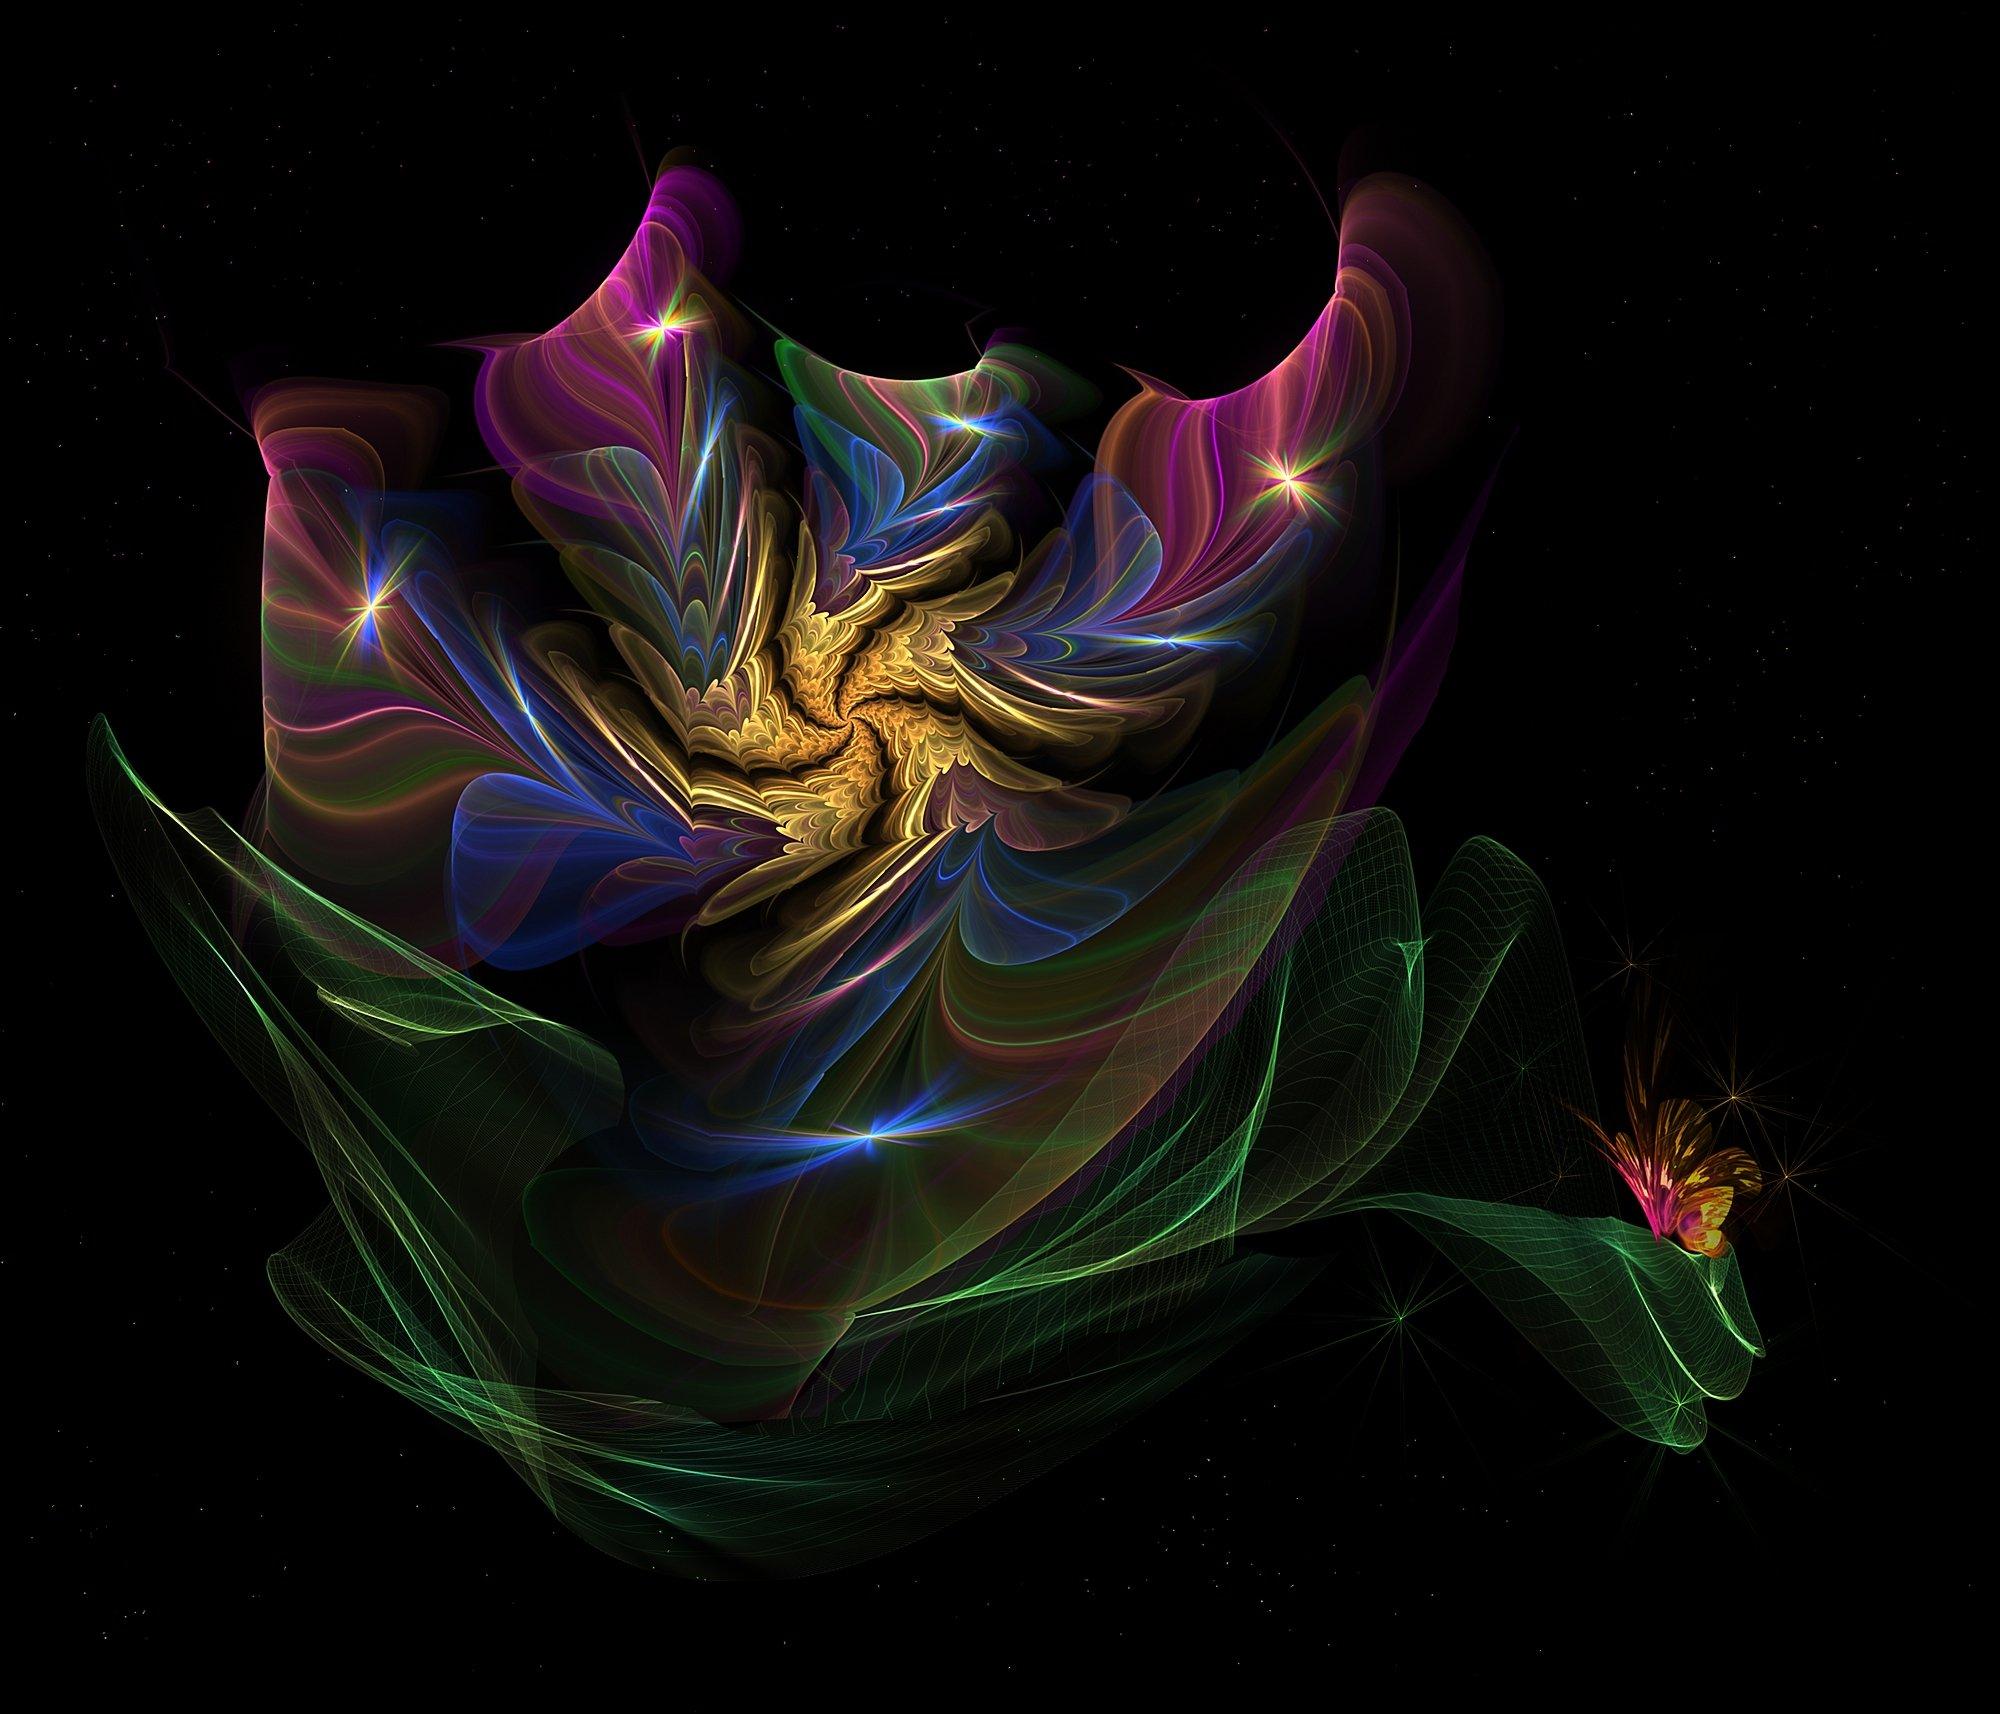 цветок,бабочка,краски,листья,абстрактныйцветок на чёрном фоне, Nataliorion